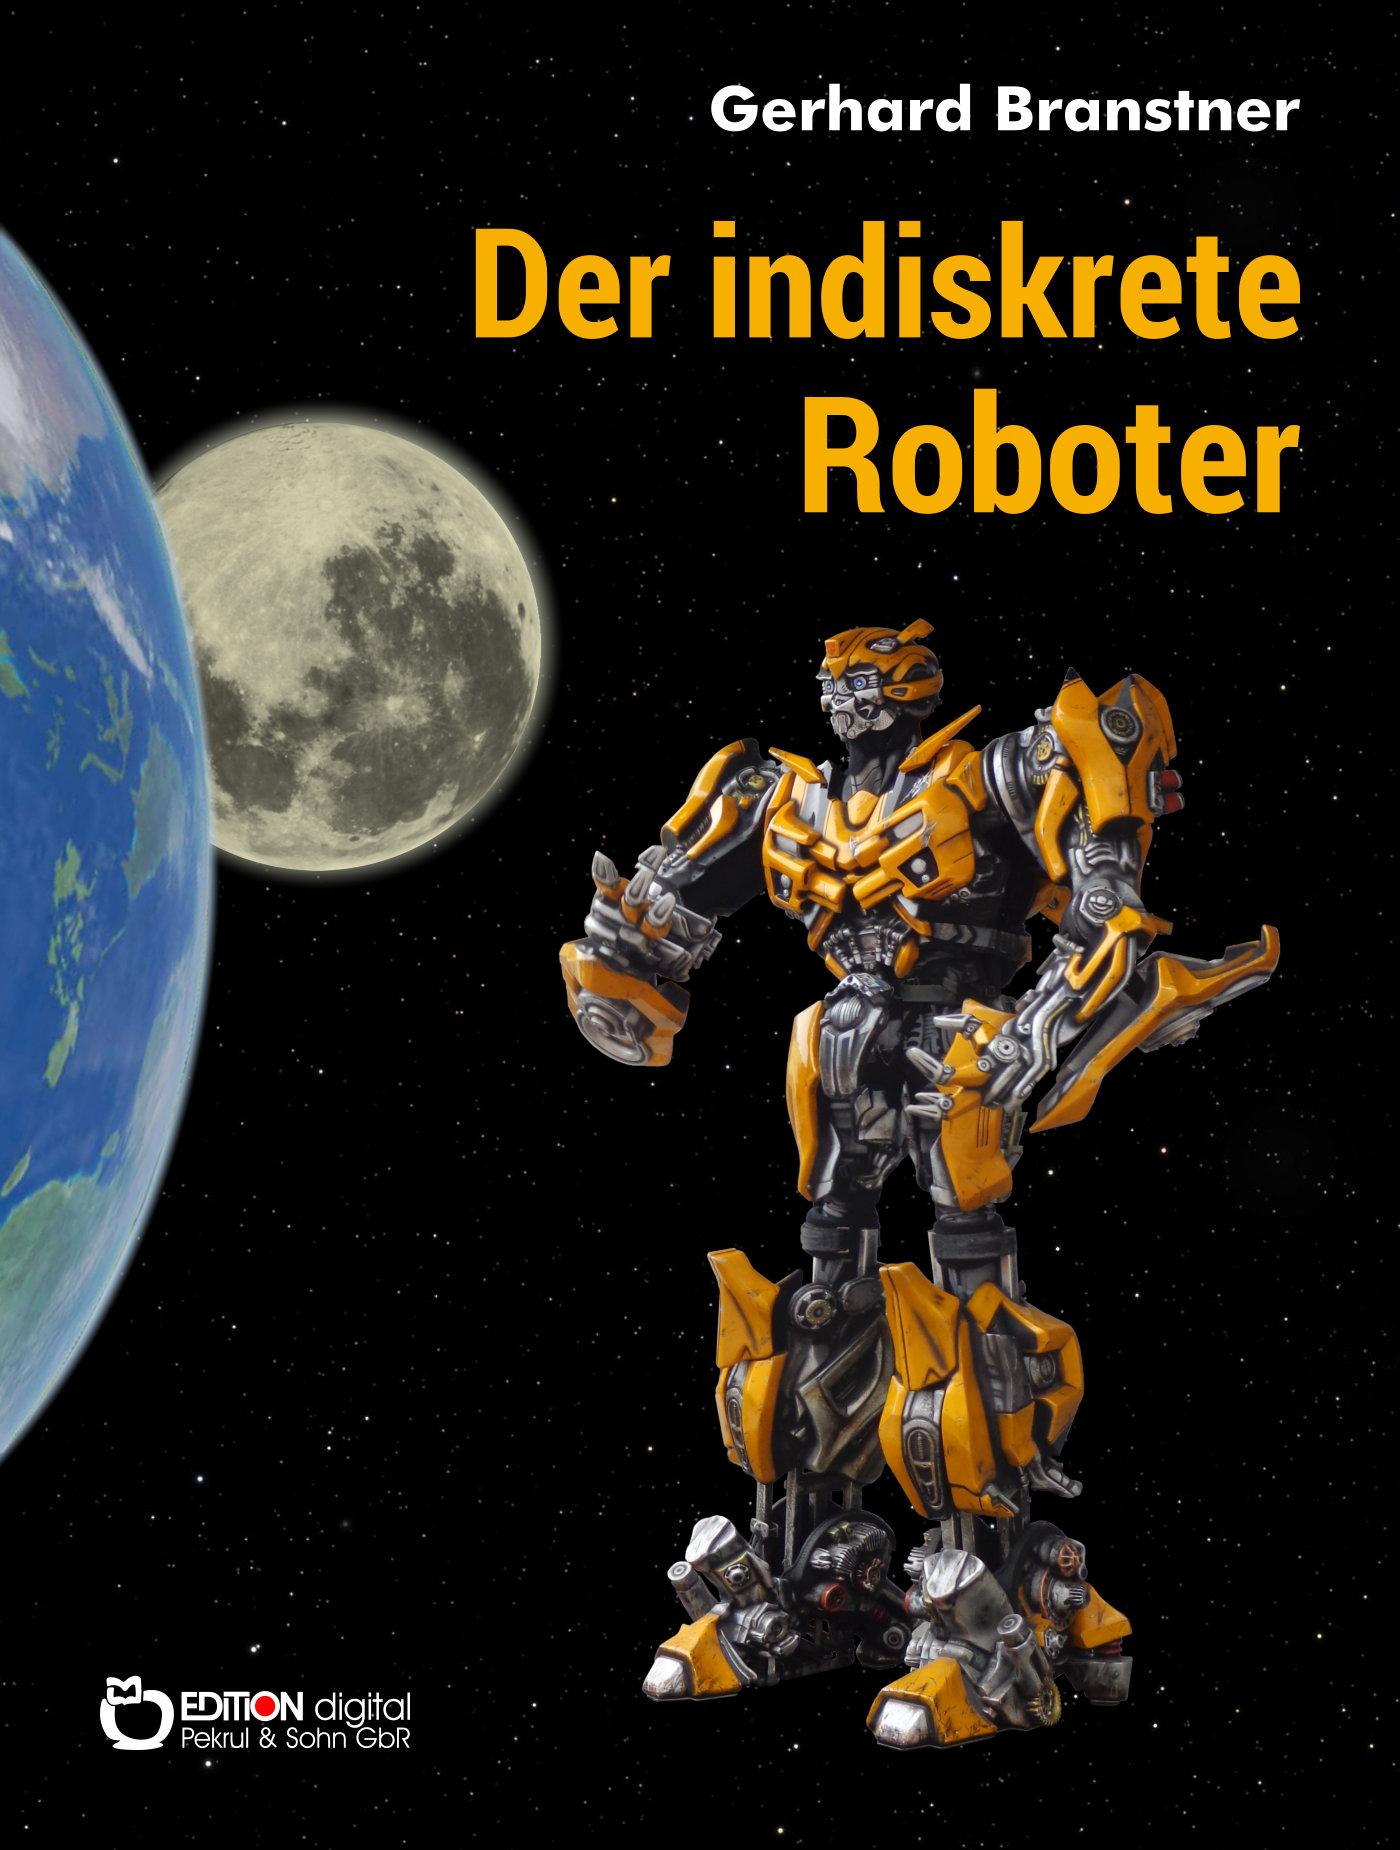 Der indiskrete Roboter. Utopische Erzählungen von Gerhard Branstner